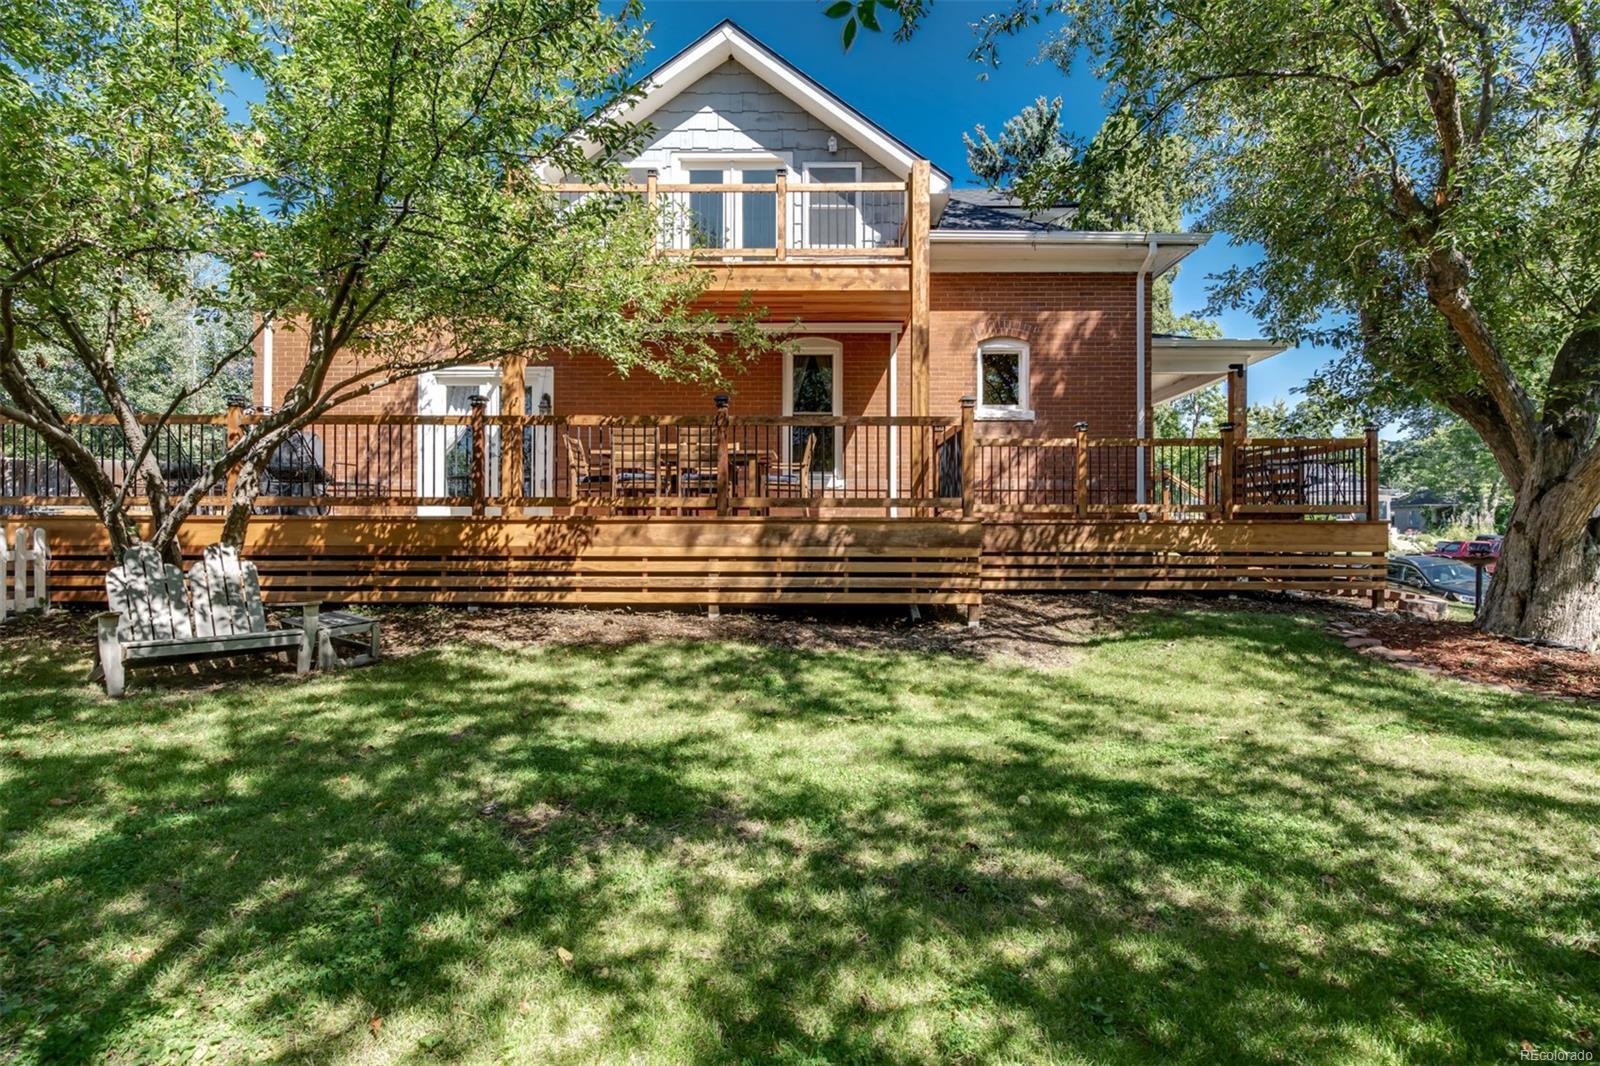 Sloan Lake Homes for Sale & Real Estate, Denver — ZipRealty